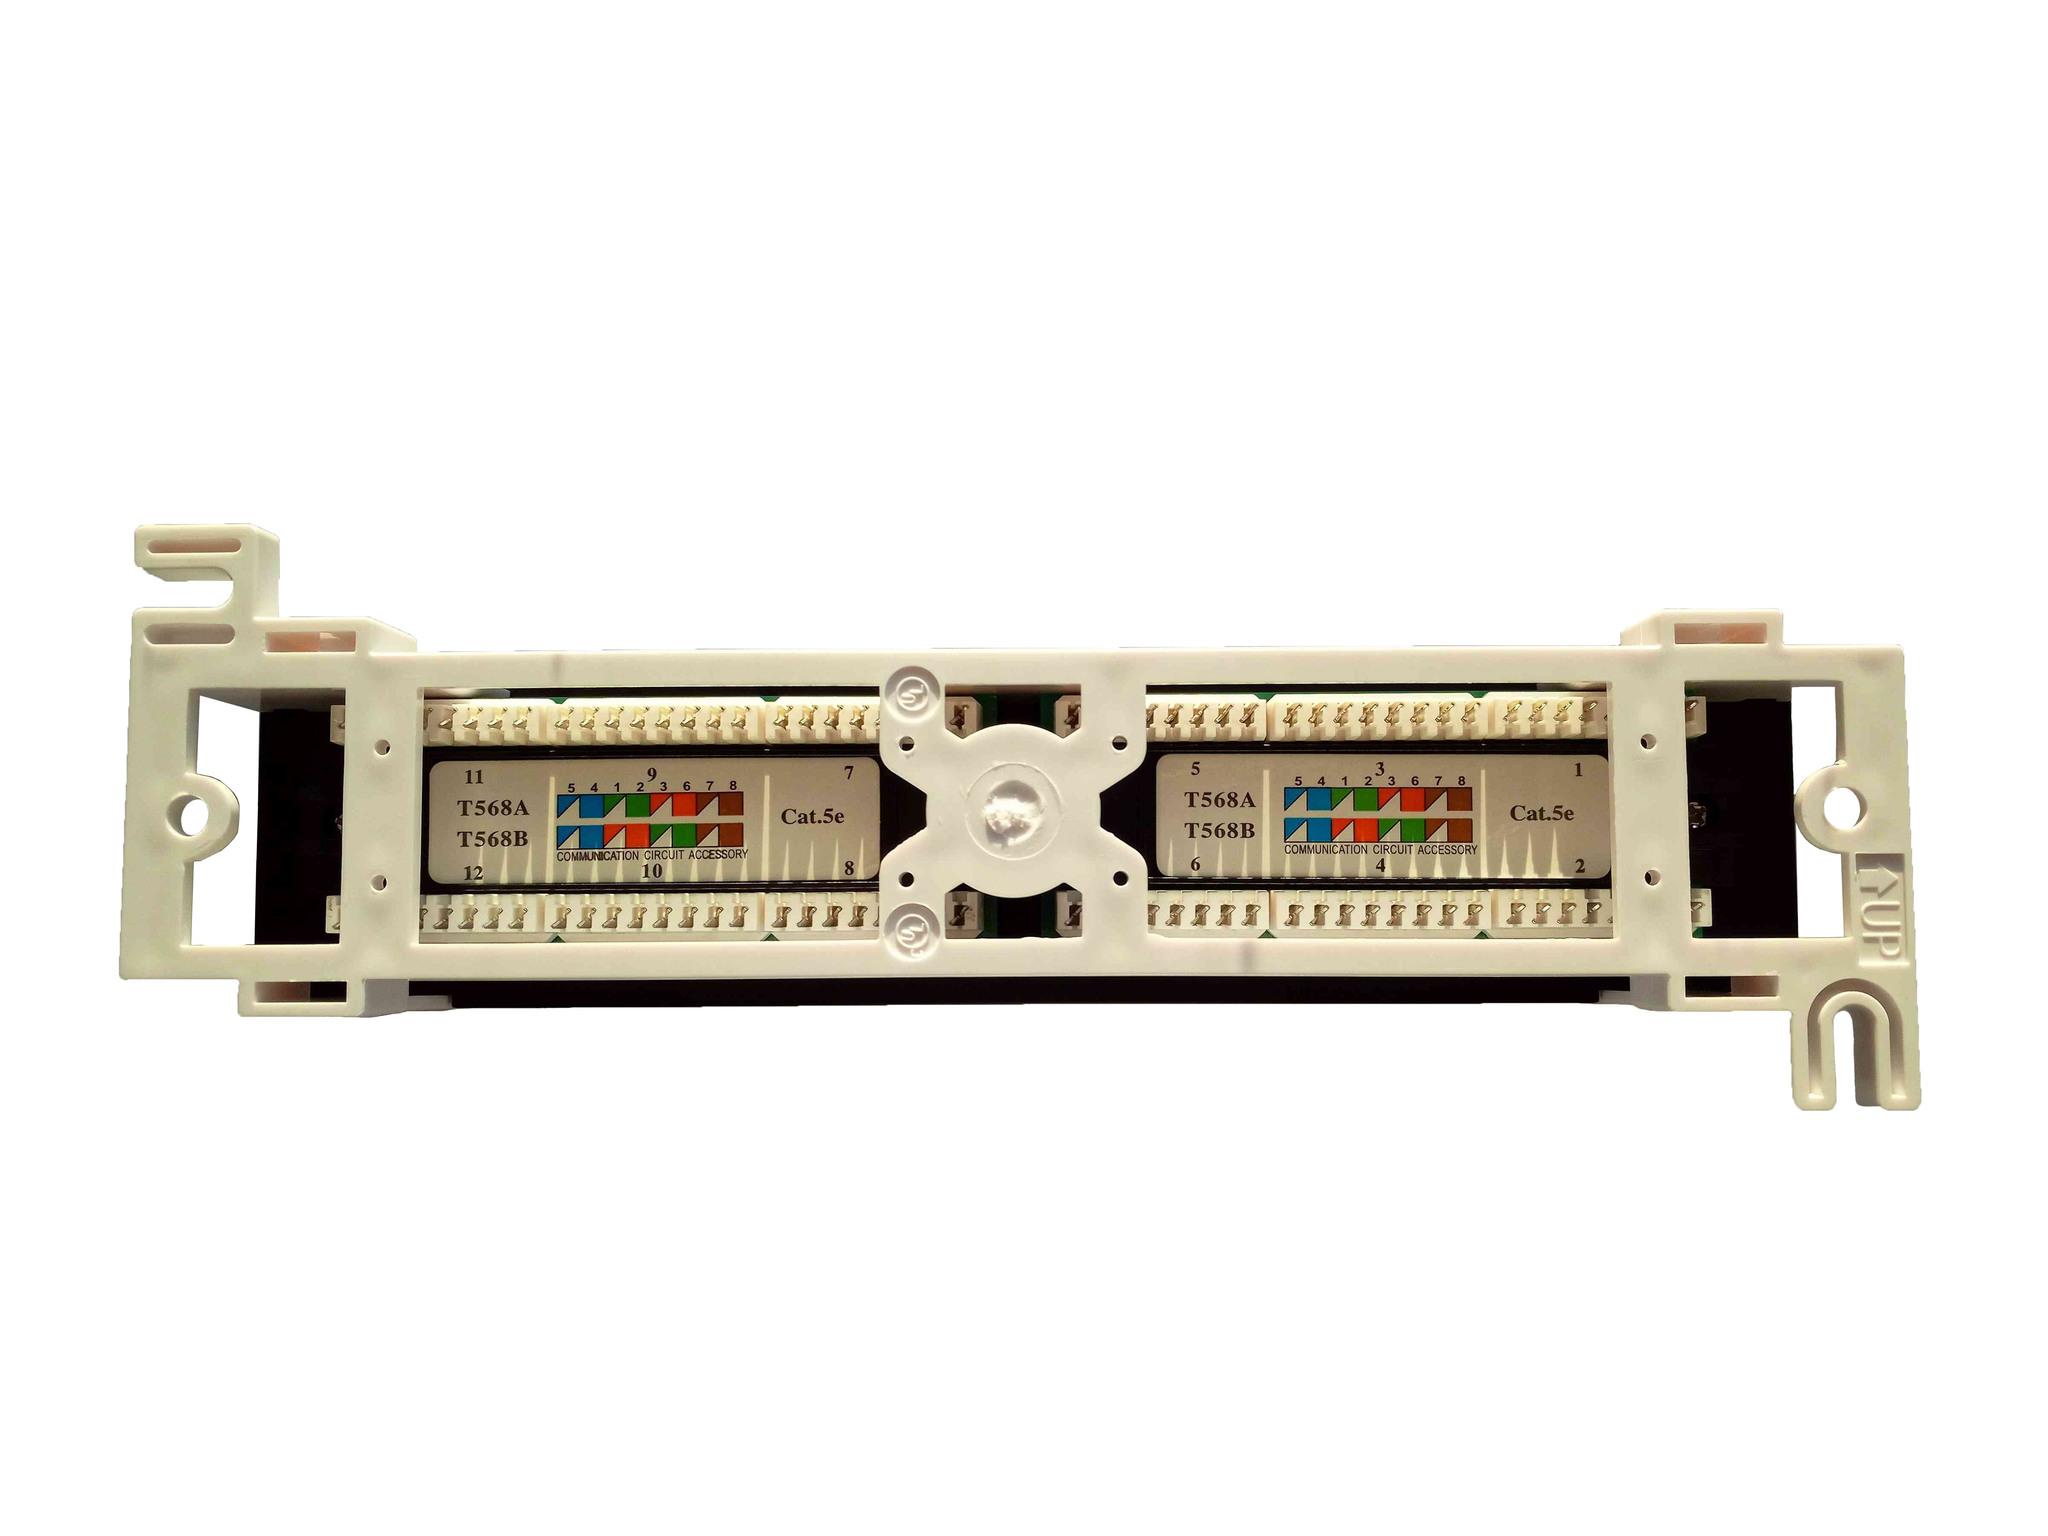 Патч-панель Ripo настенная, 12 портов купить по низкой цене в интернет-магазине